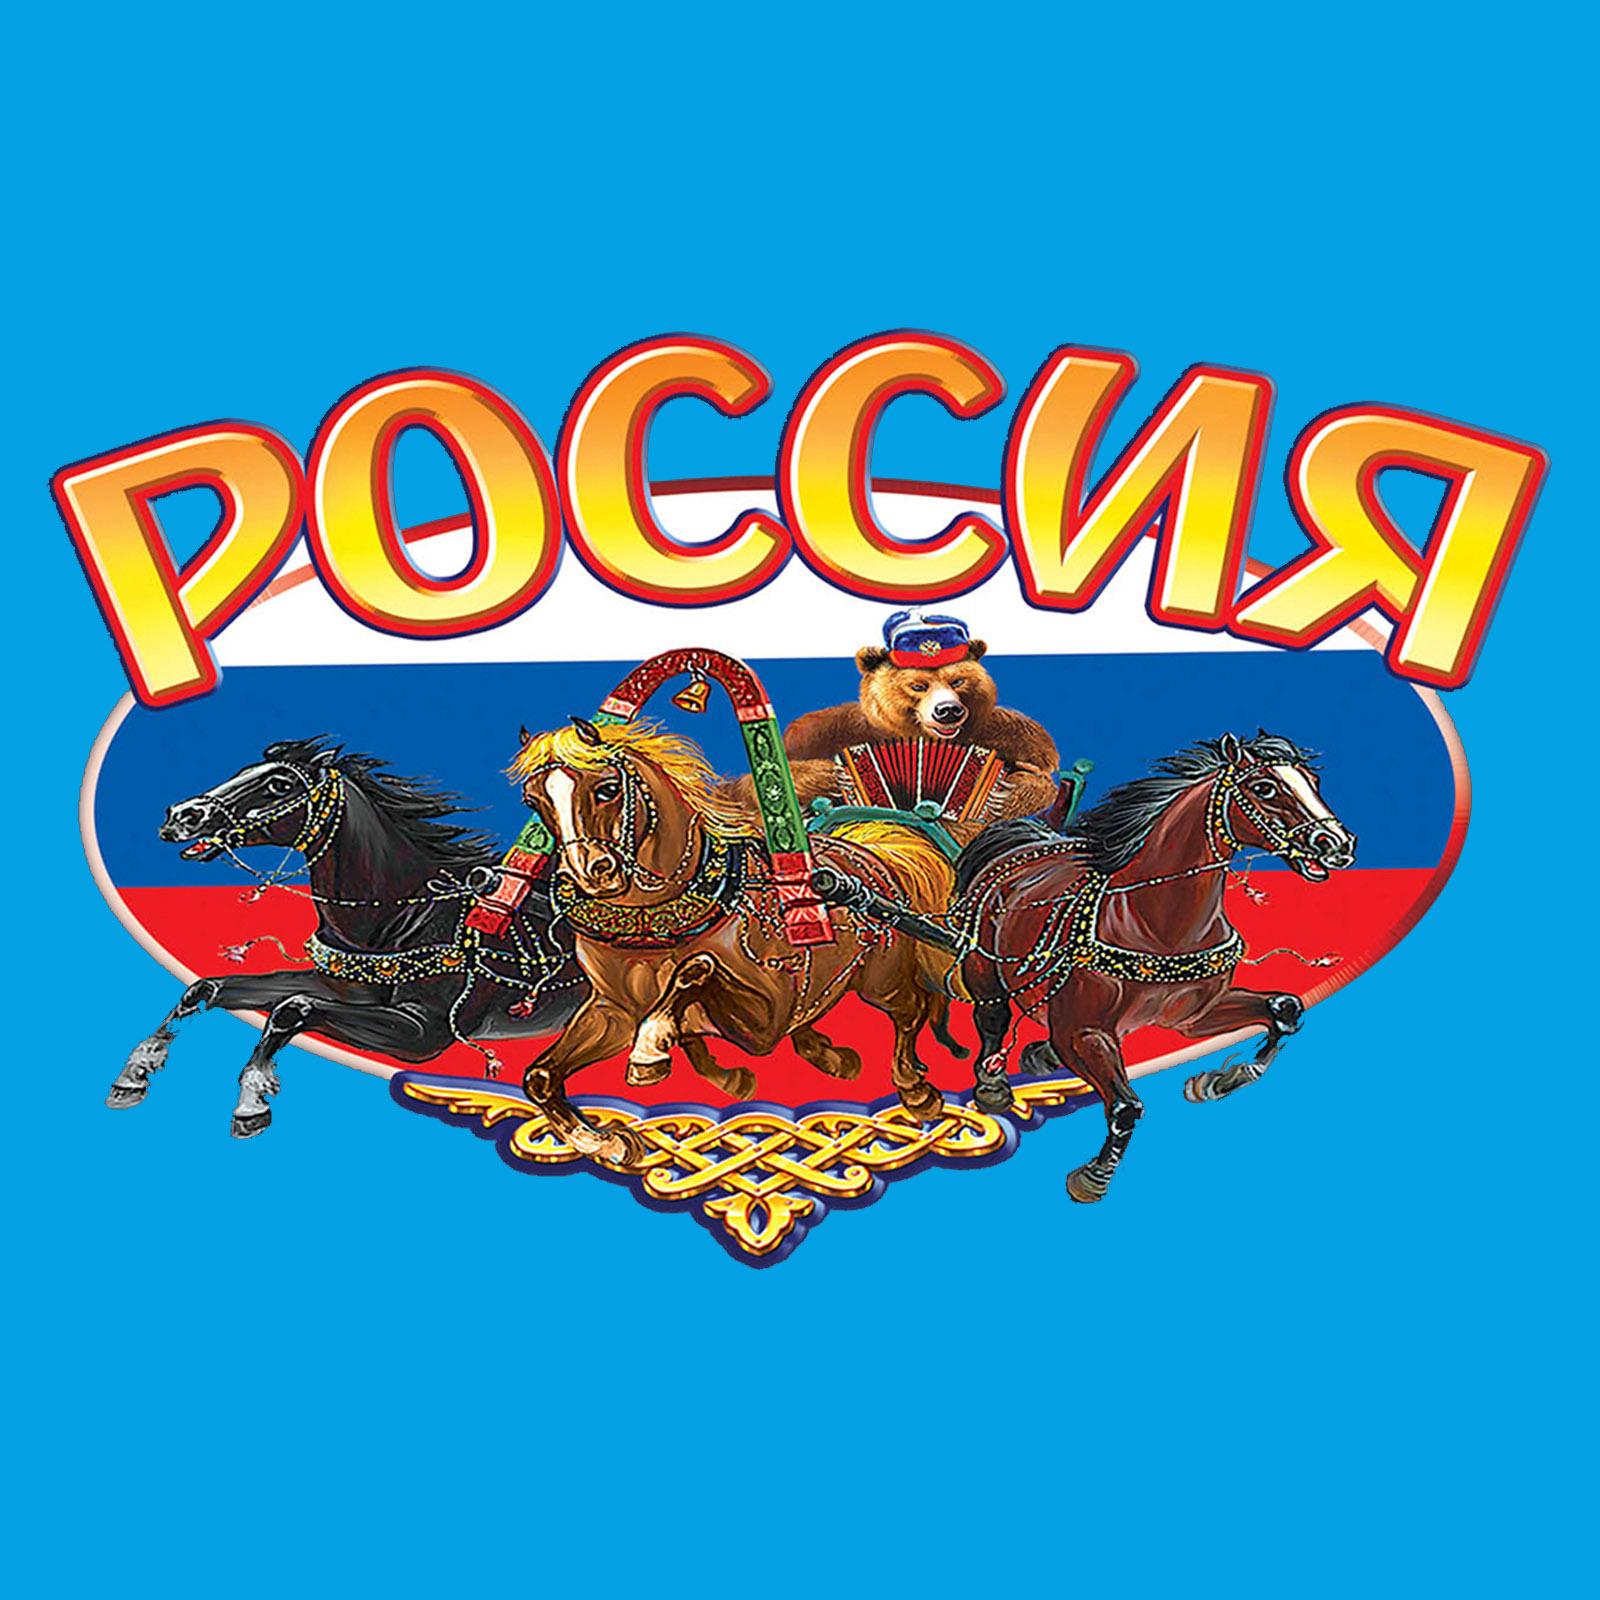 Купить голубую надежную бейсболку с термонаклейкой Россия оптом или в розницу